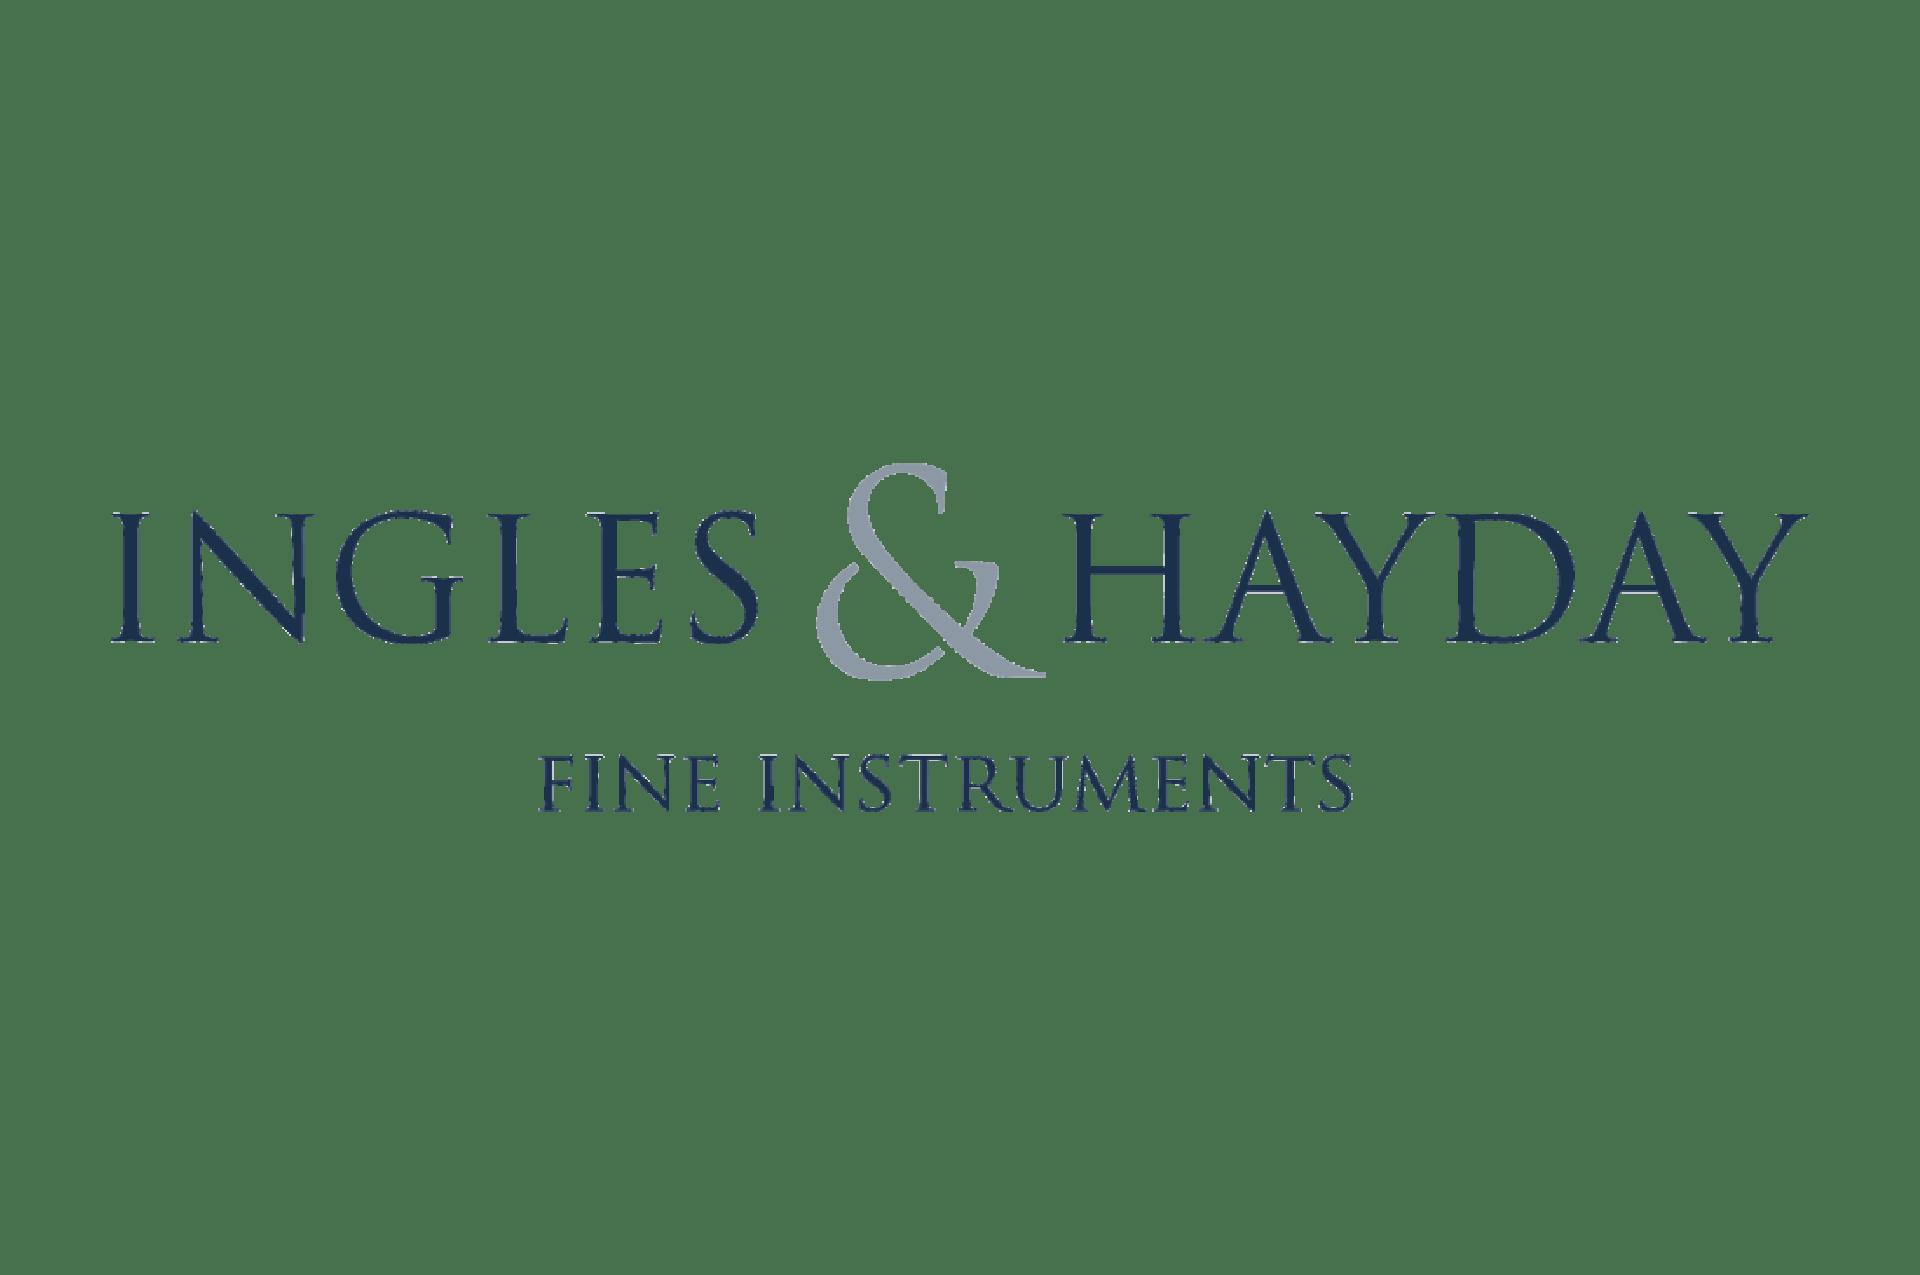 Ingles & Hayday logo